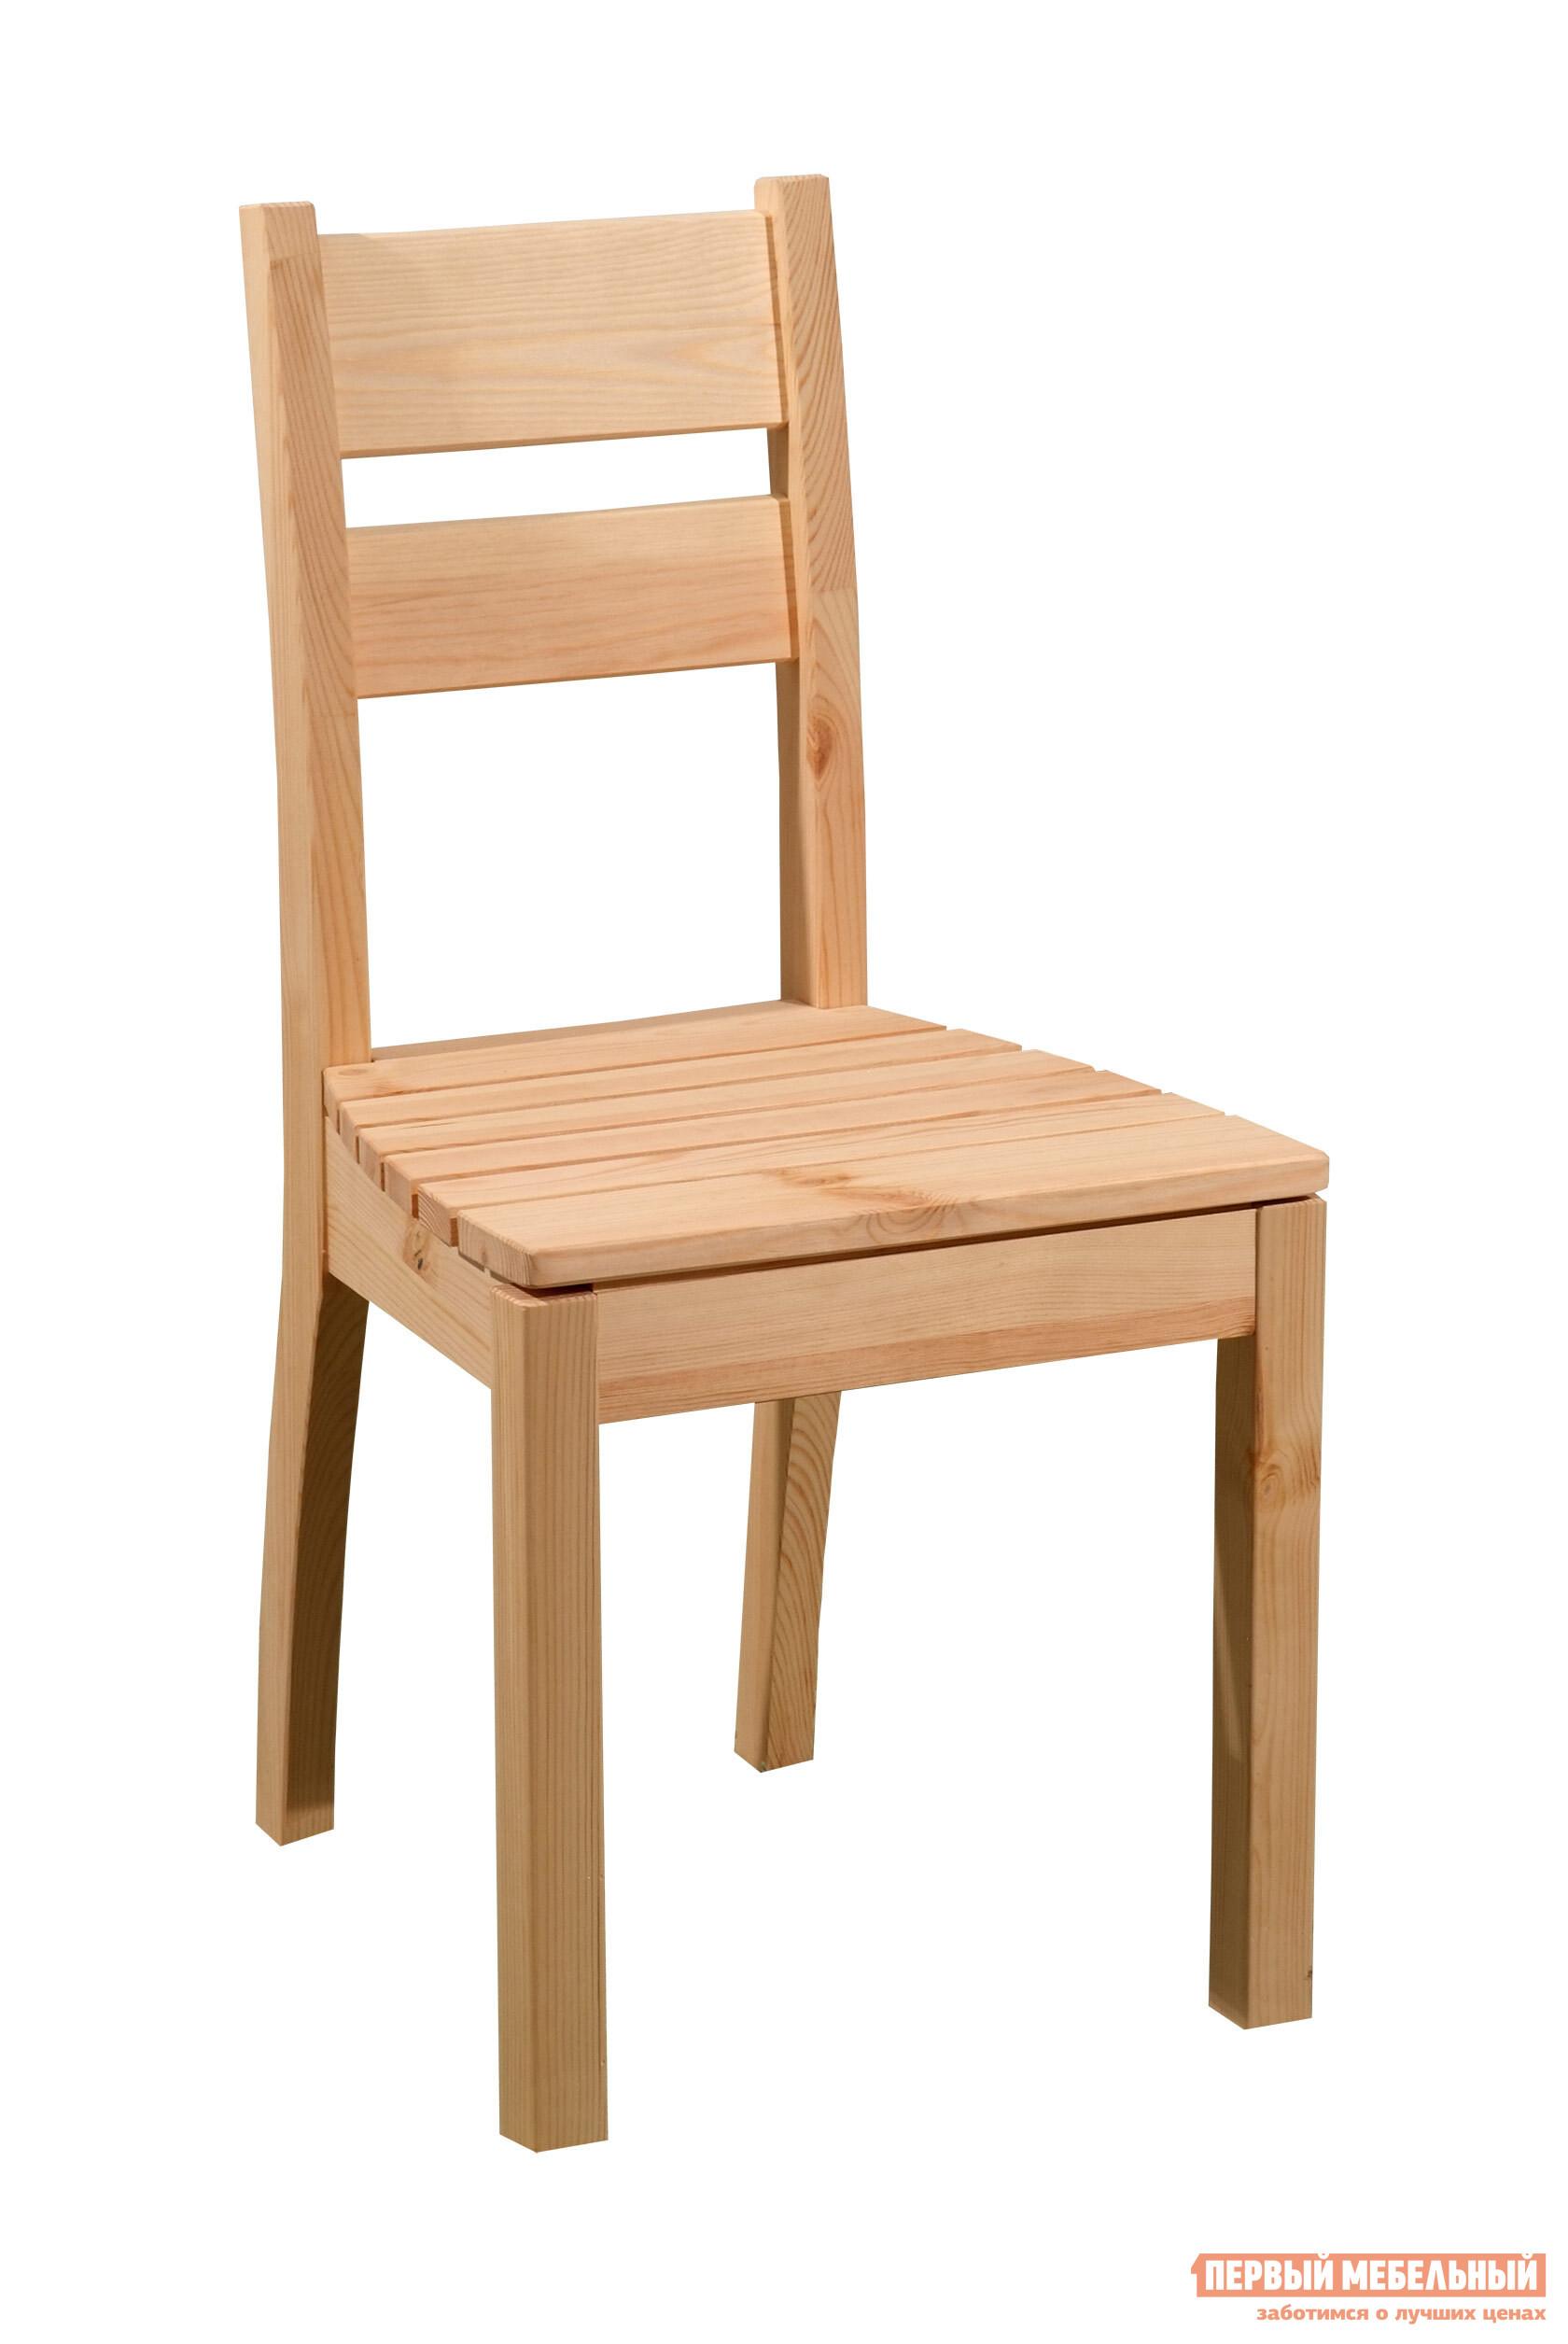 Садовое кресло Timberica Стул дачный Натура от Купистол